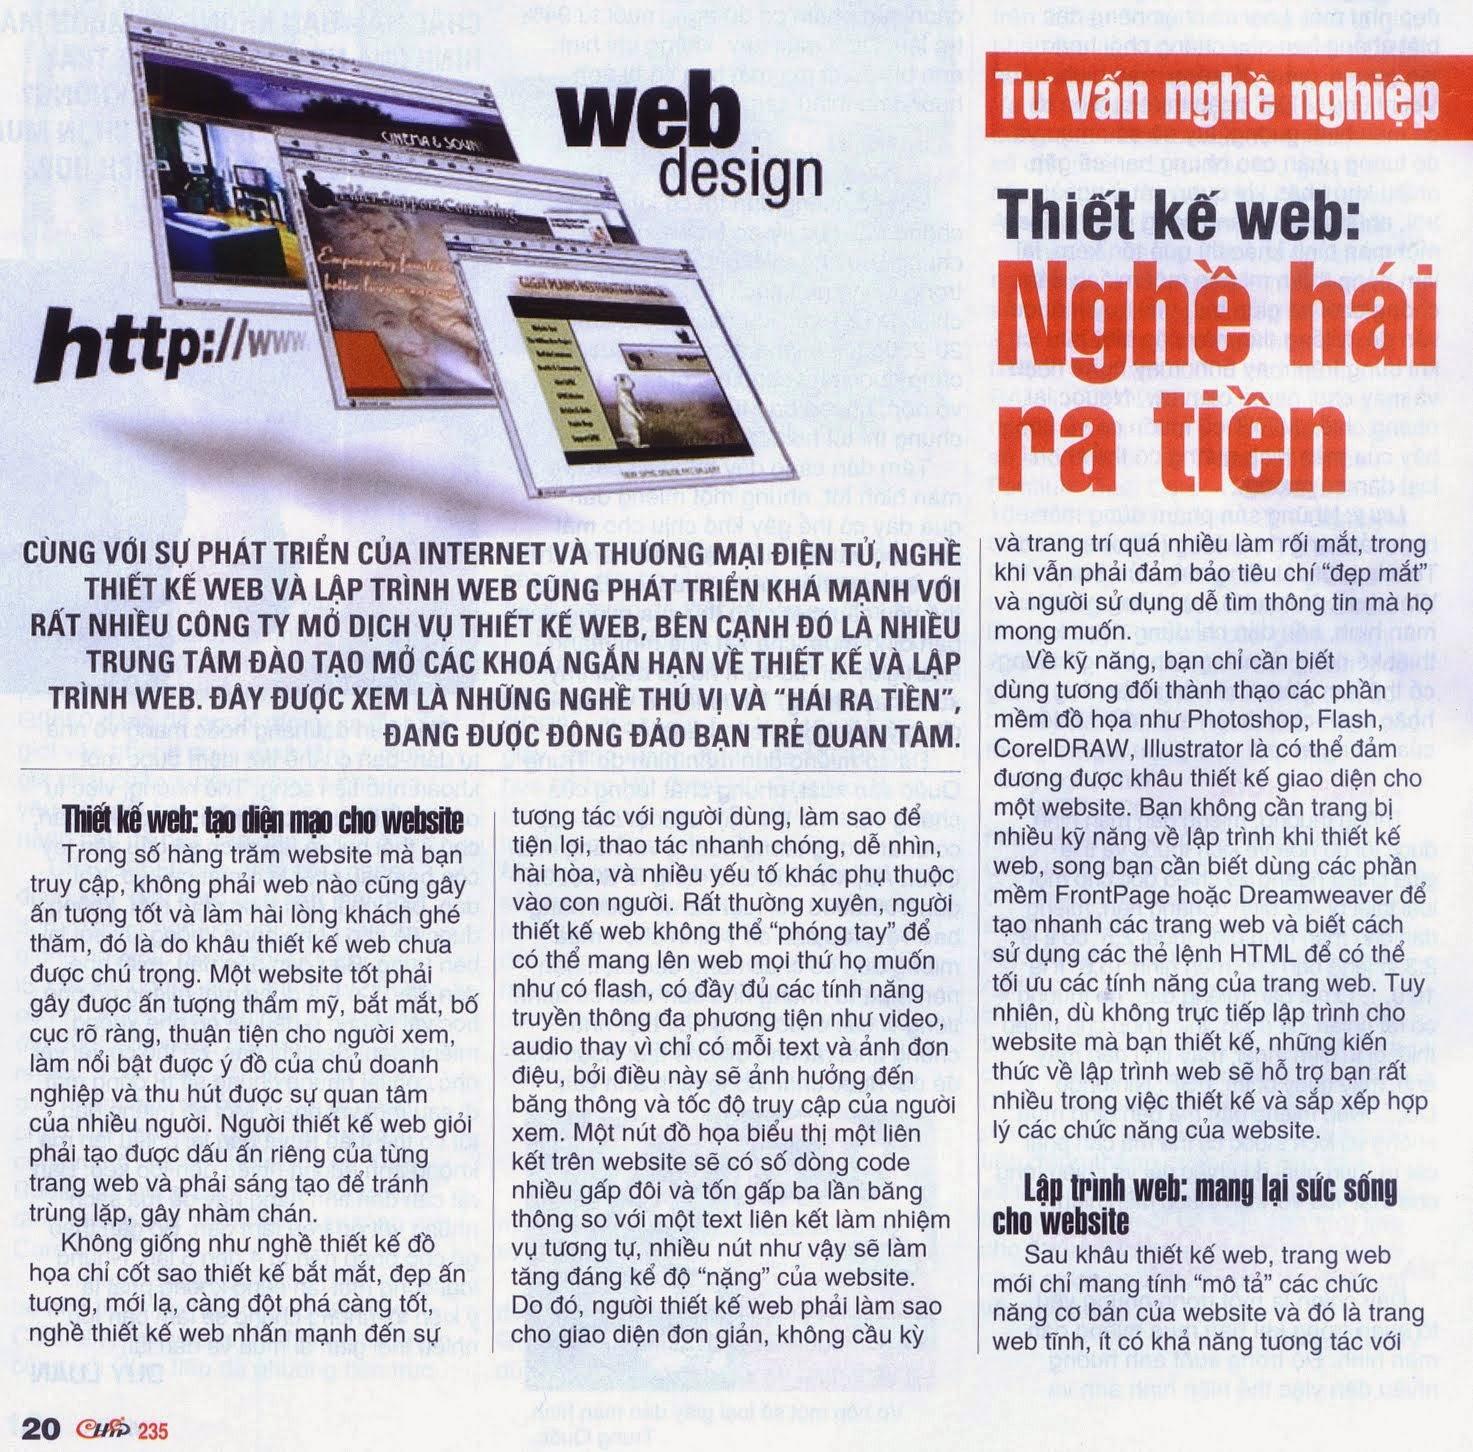 Thiết kế website - Nghề hái ra tiền